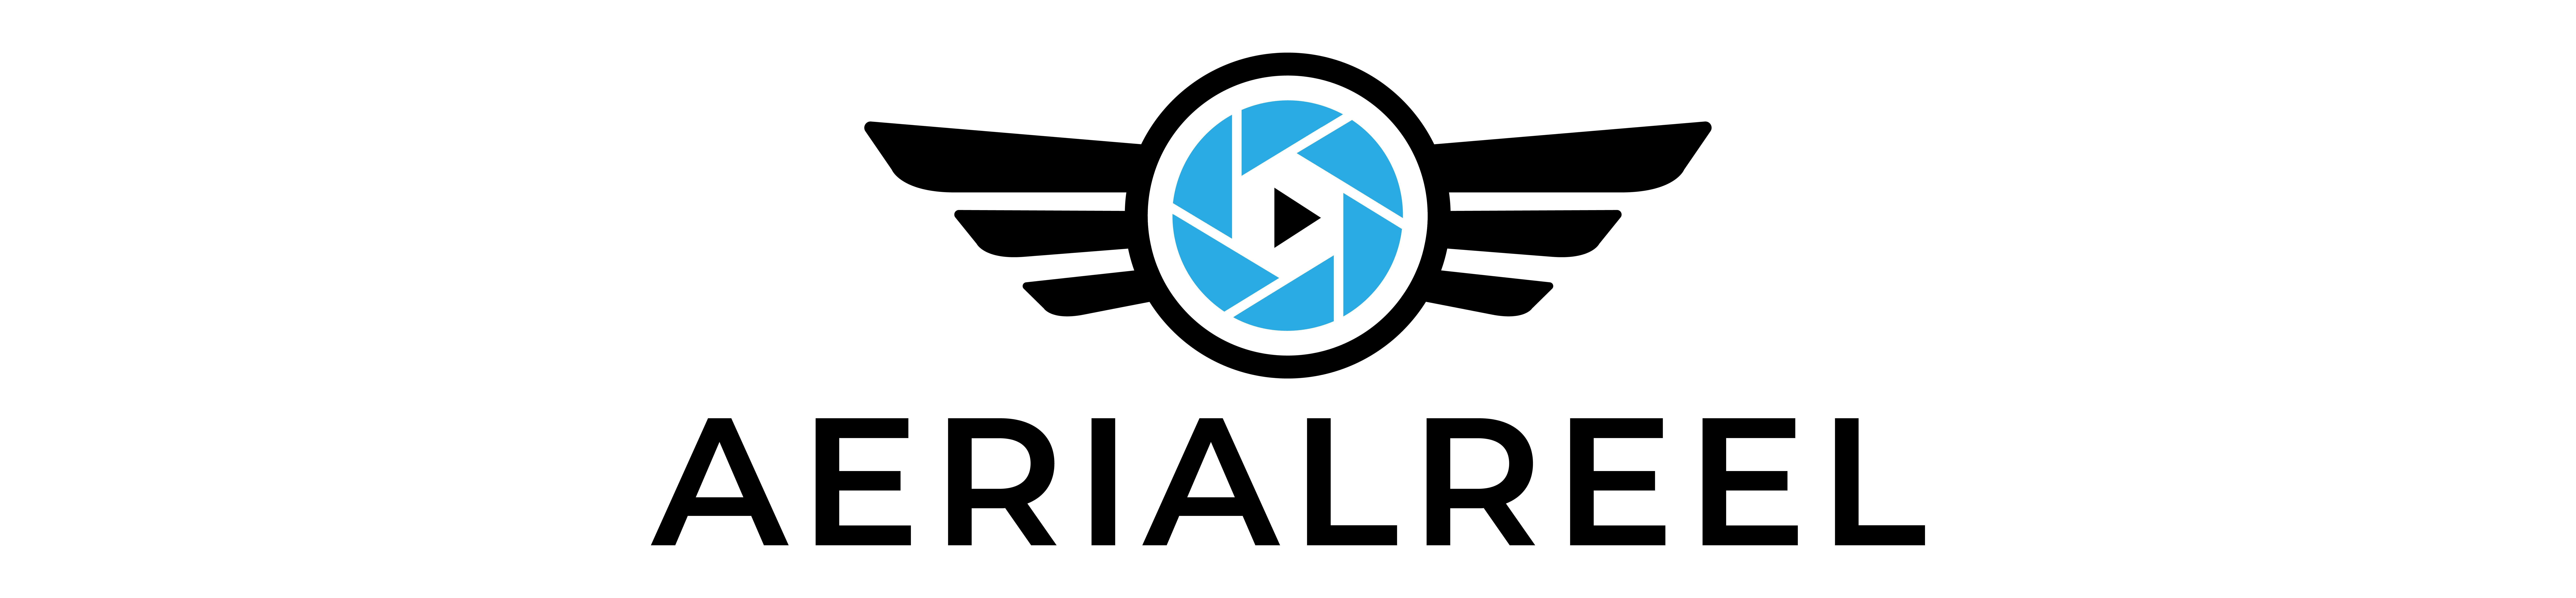 AerialReel